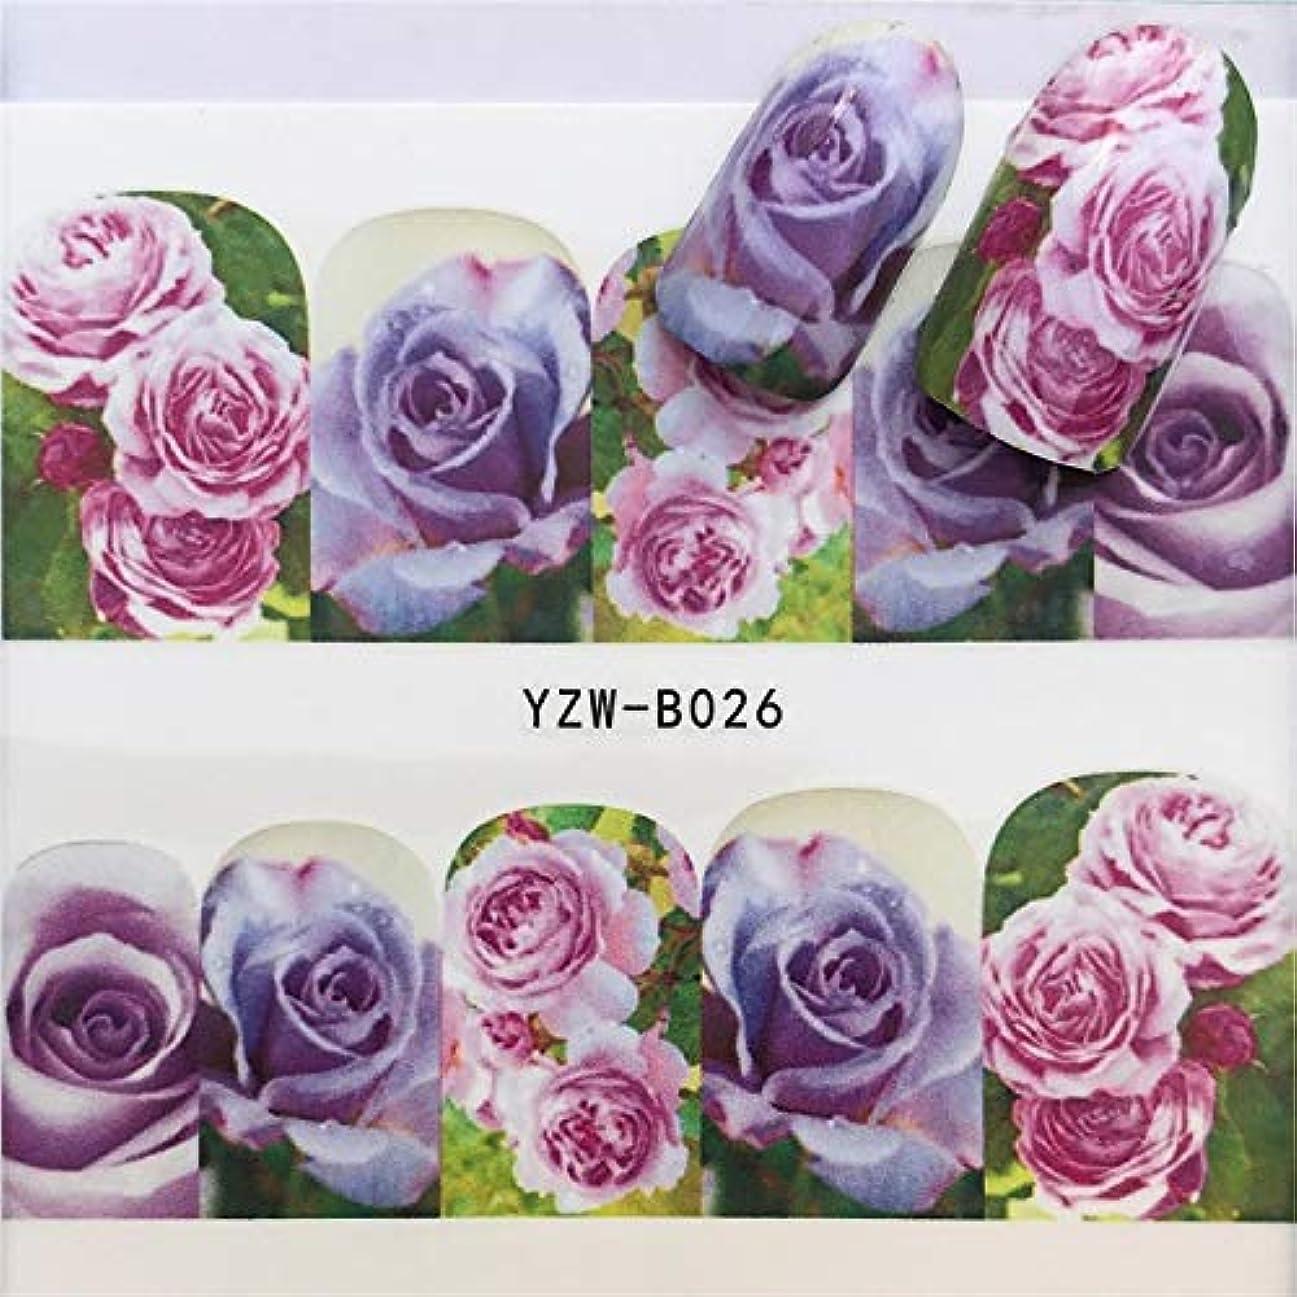 バズハングラベFlysea ネイルステッカー3 PCSネイルステッカーセットデカール水スライダーネイルズアート装飾、色転送:YZWB026を